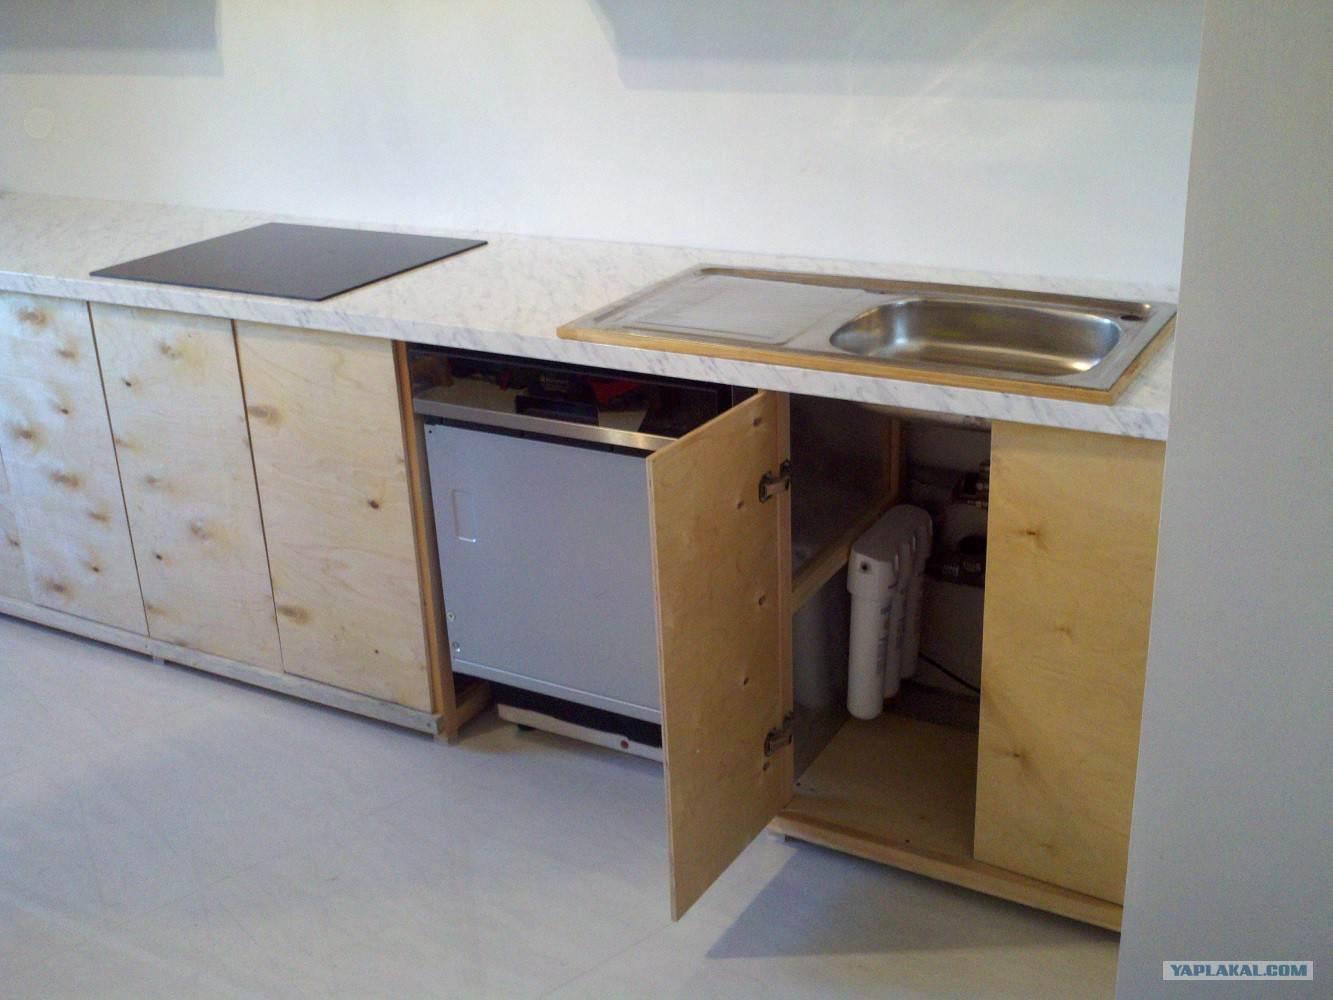 Как сделать угловую кухню своими руками: особенности рабочего процесса 5